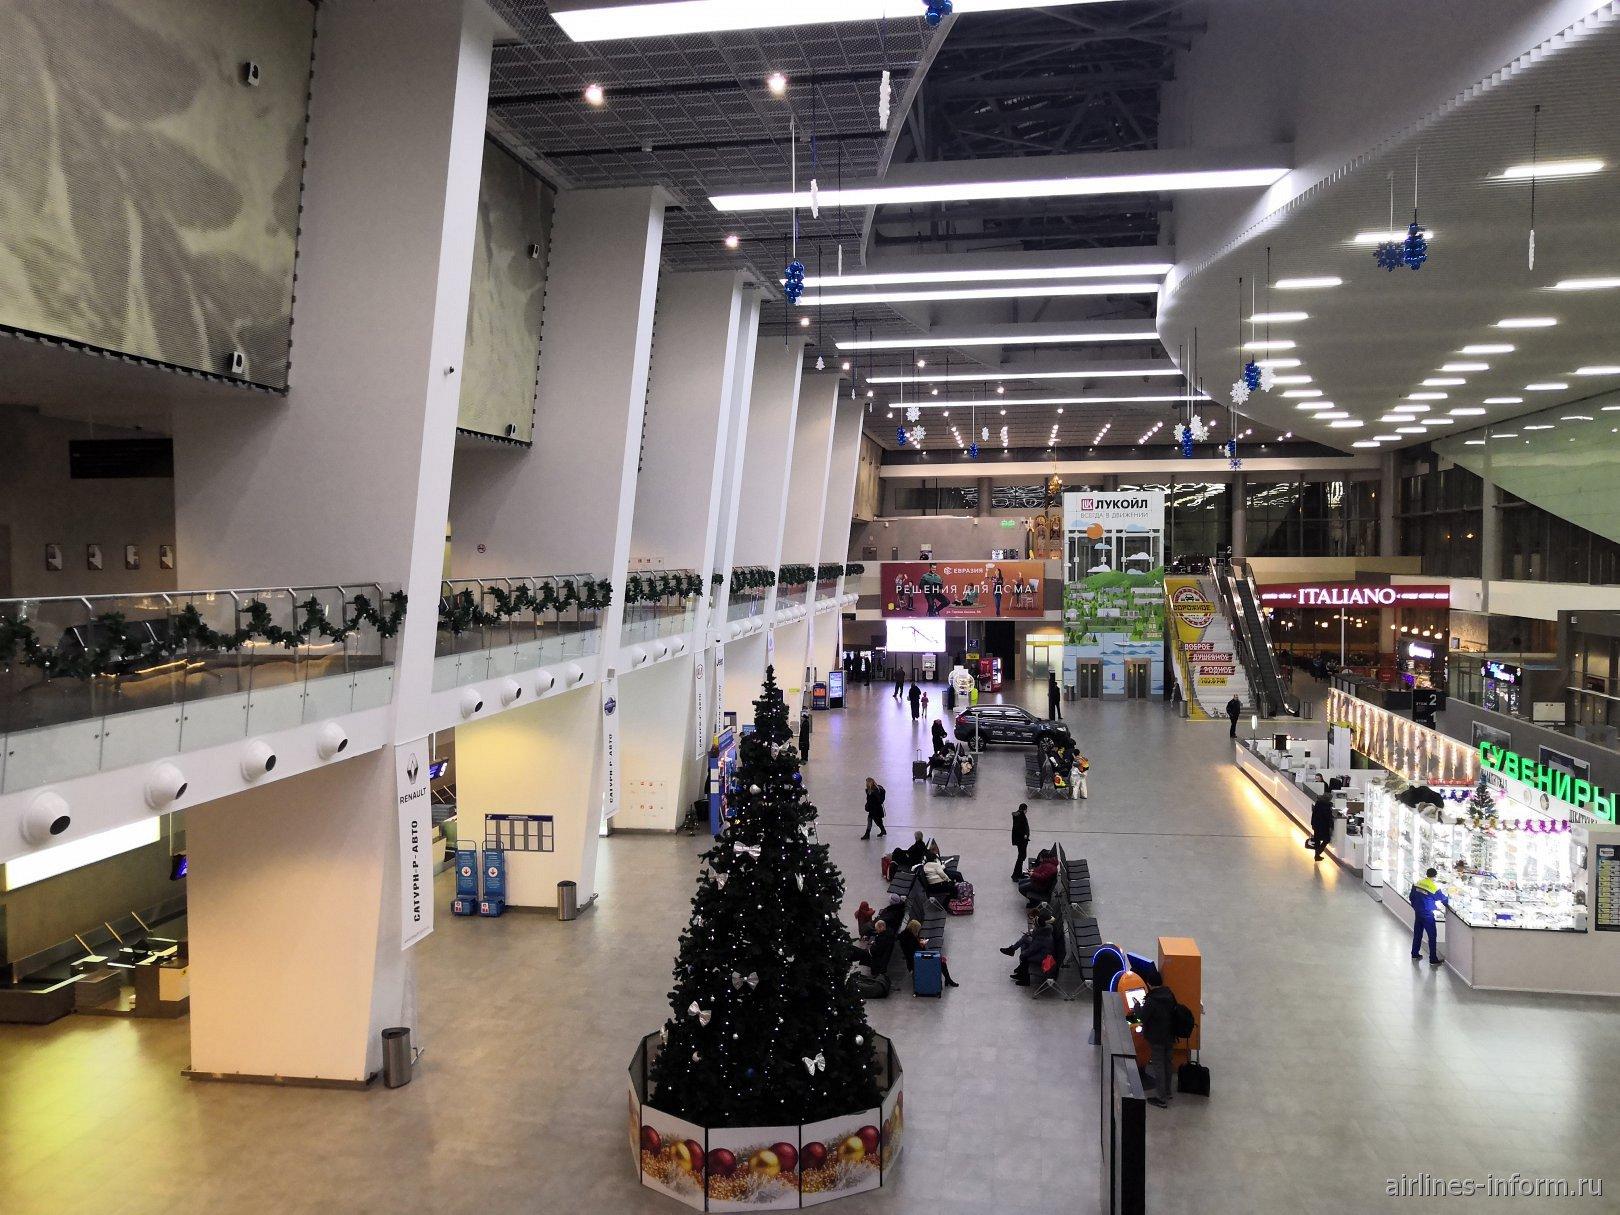 В пассажирском терминале аэропорта Пермь Большое Савино